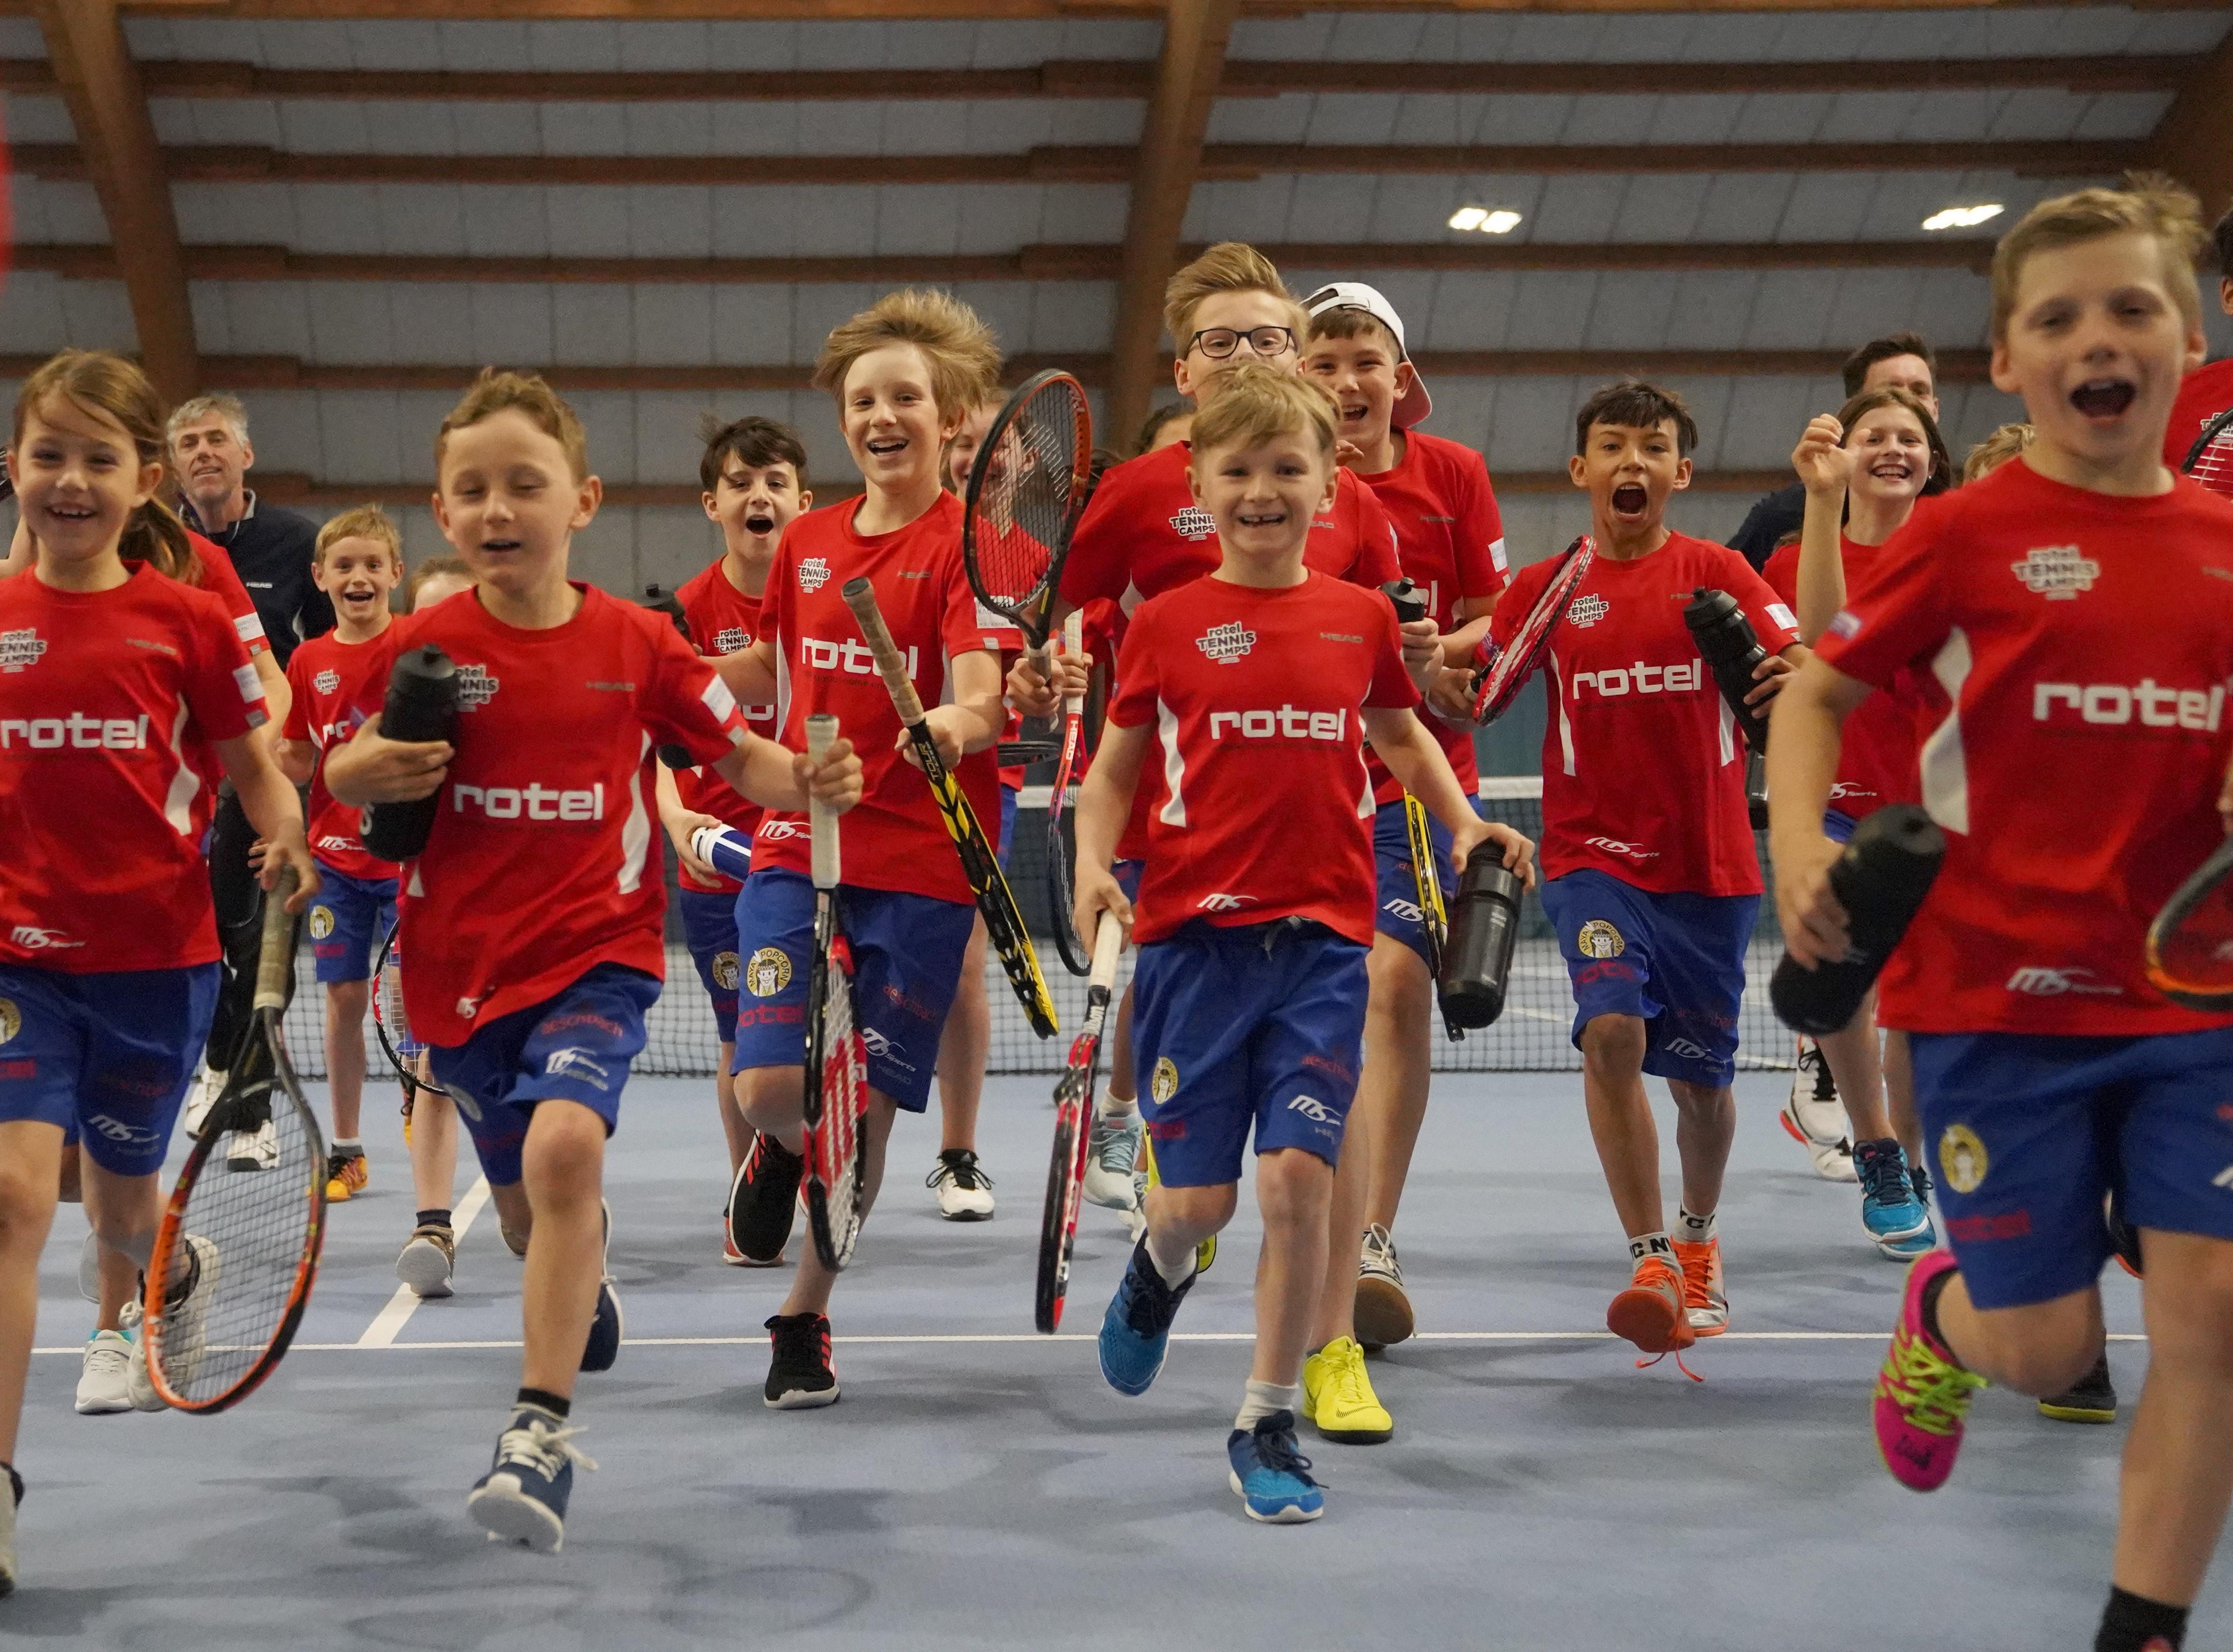 Tenniscamp in Münsingen (BE)